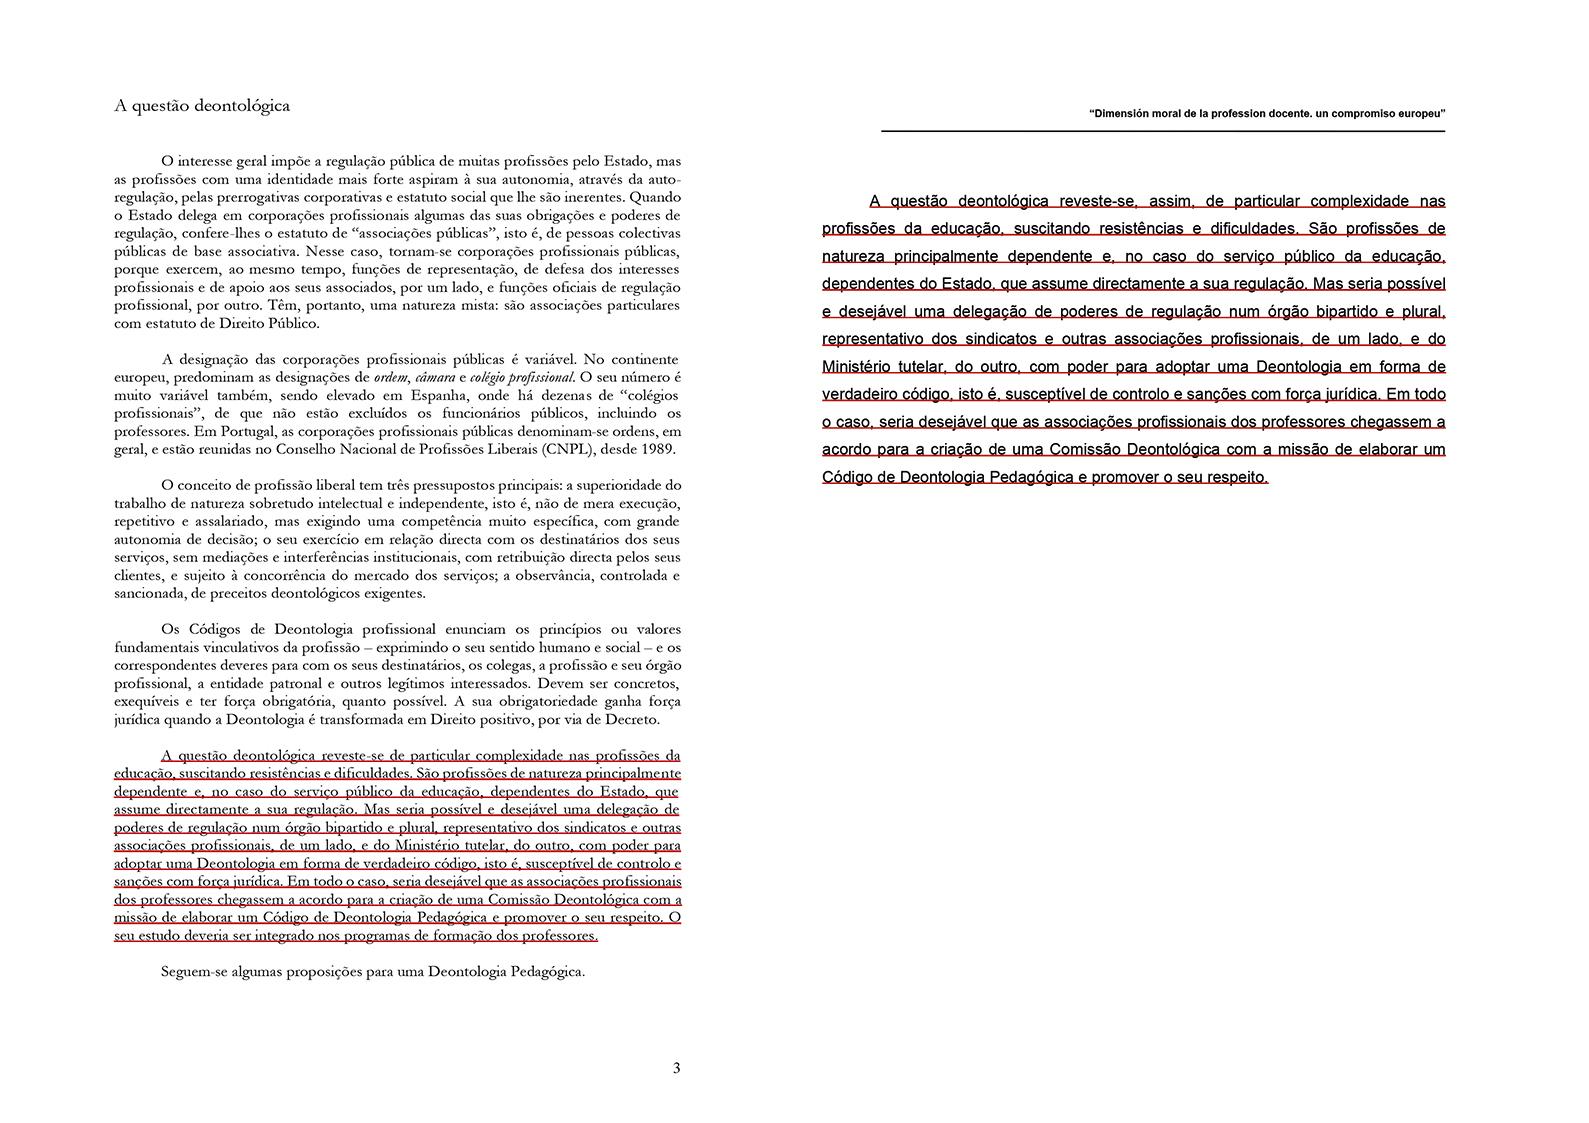 Um parágrafo do original de Agostinho Reis Monteiro (à esq.) volta a aparecer na comunicação de Grancho (à dir.)